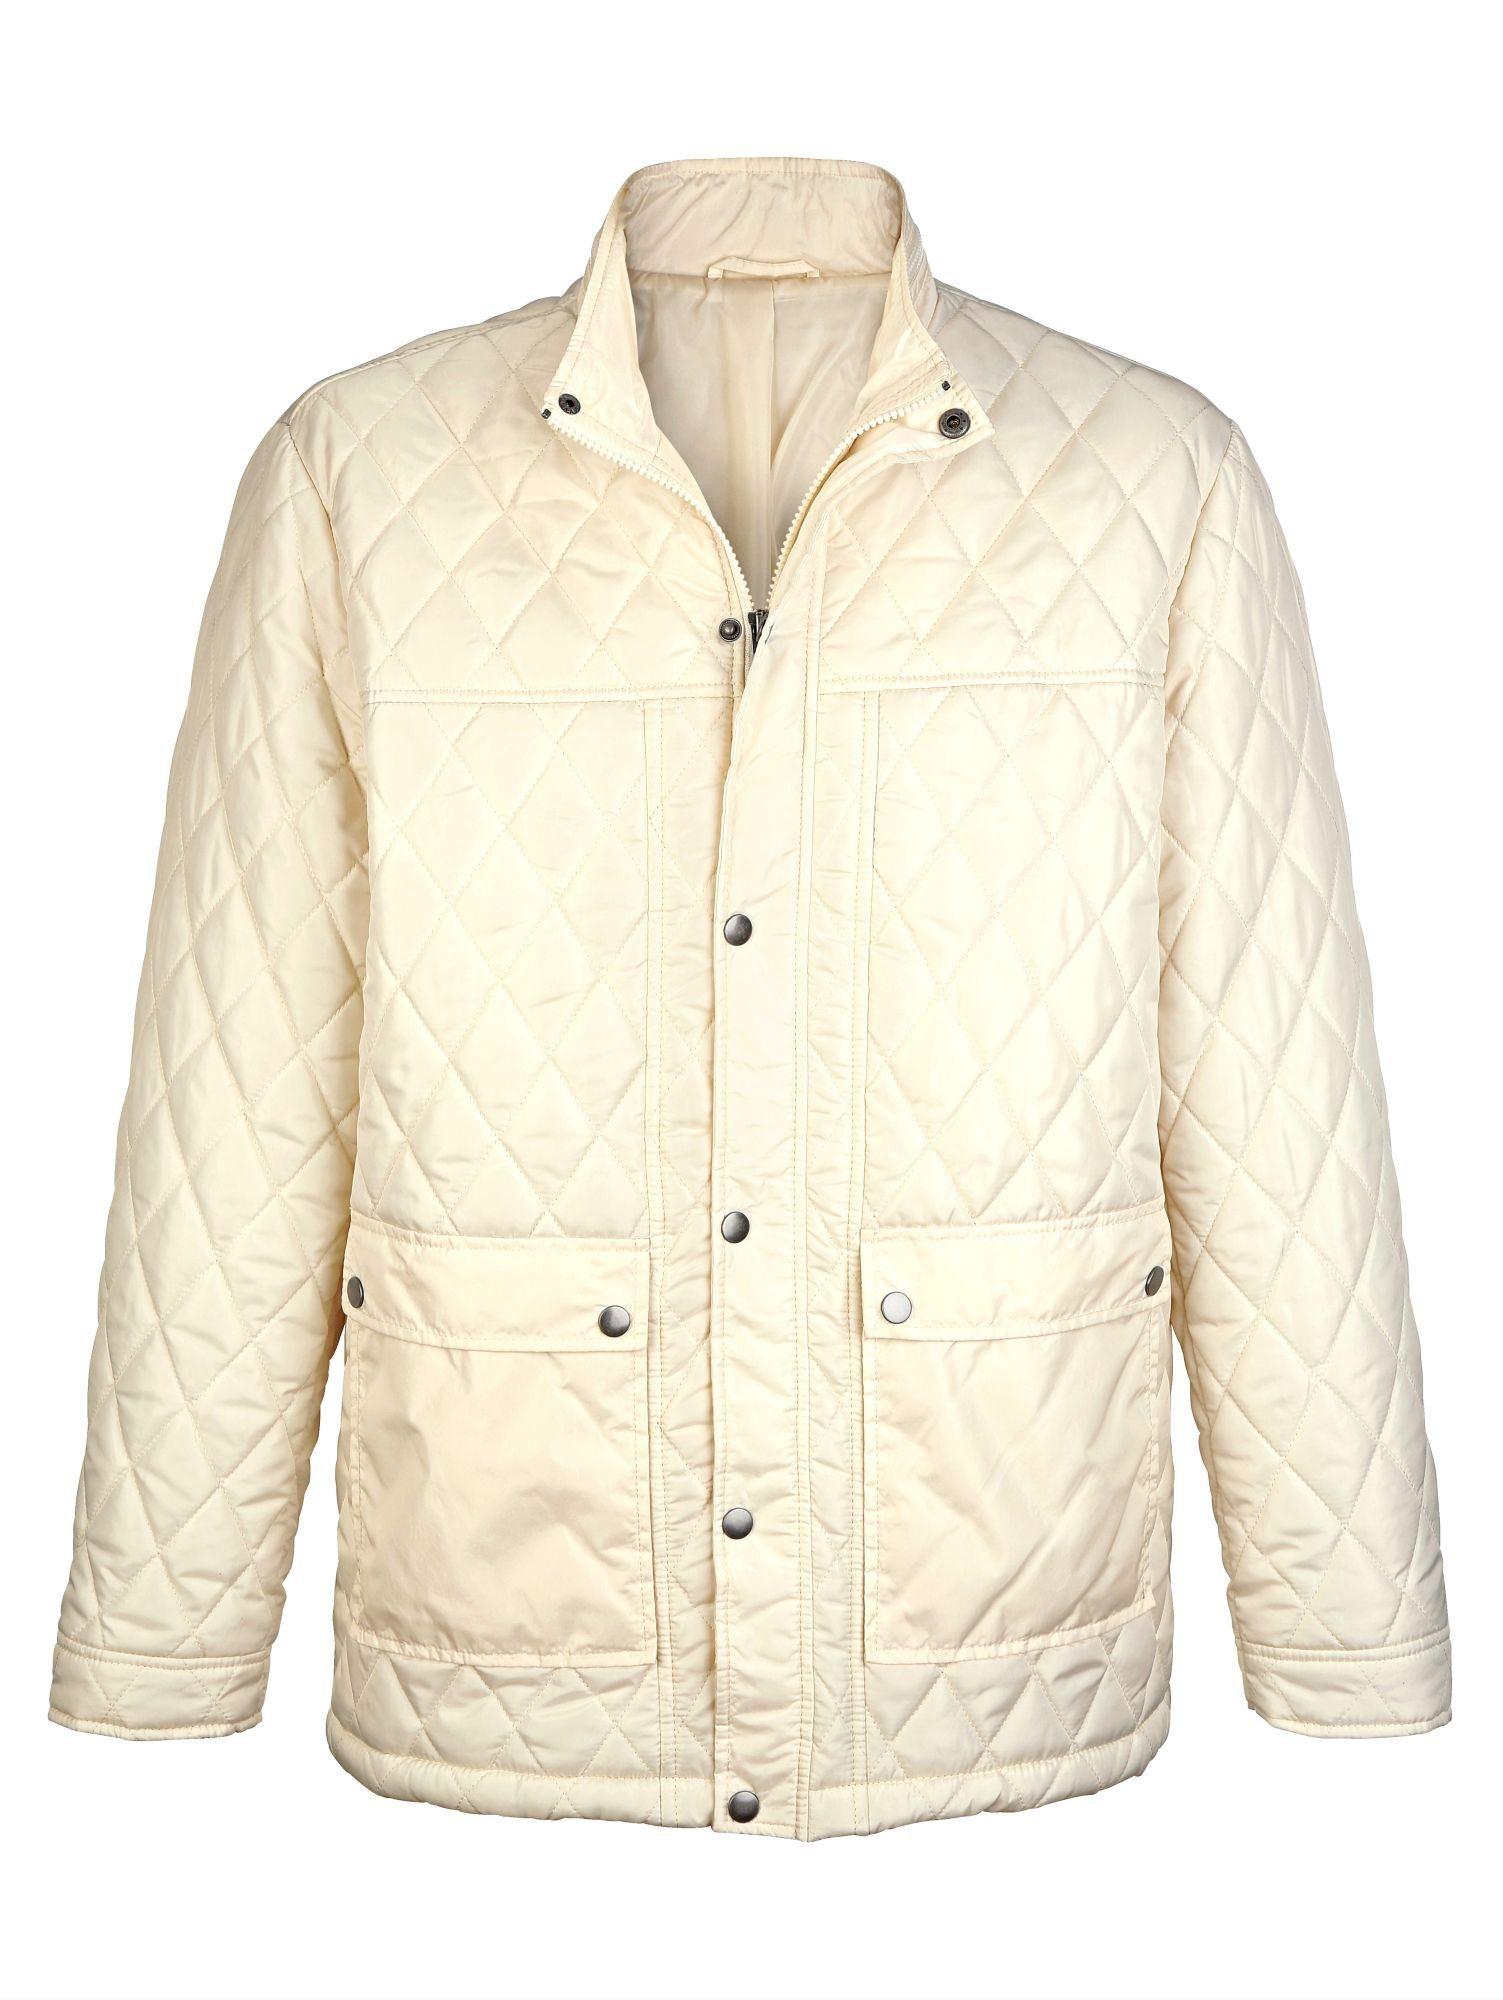 roger-kent Sonstige Jacken für Herren online kaufen   Herrenmode ... b542391231